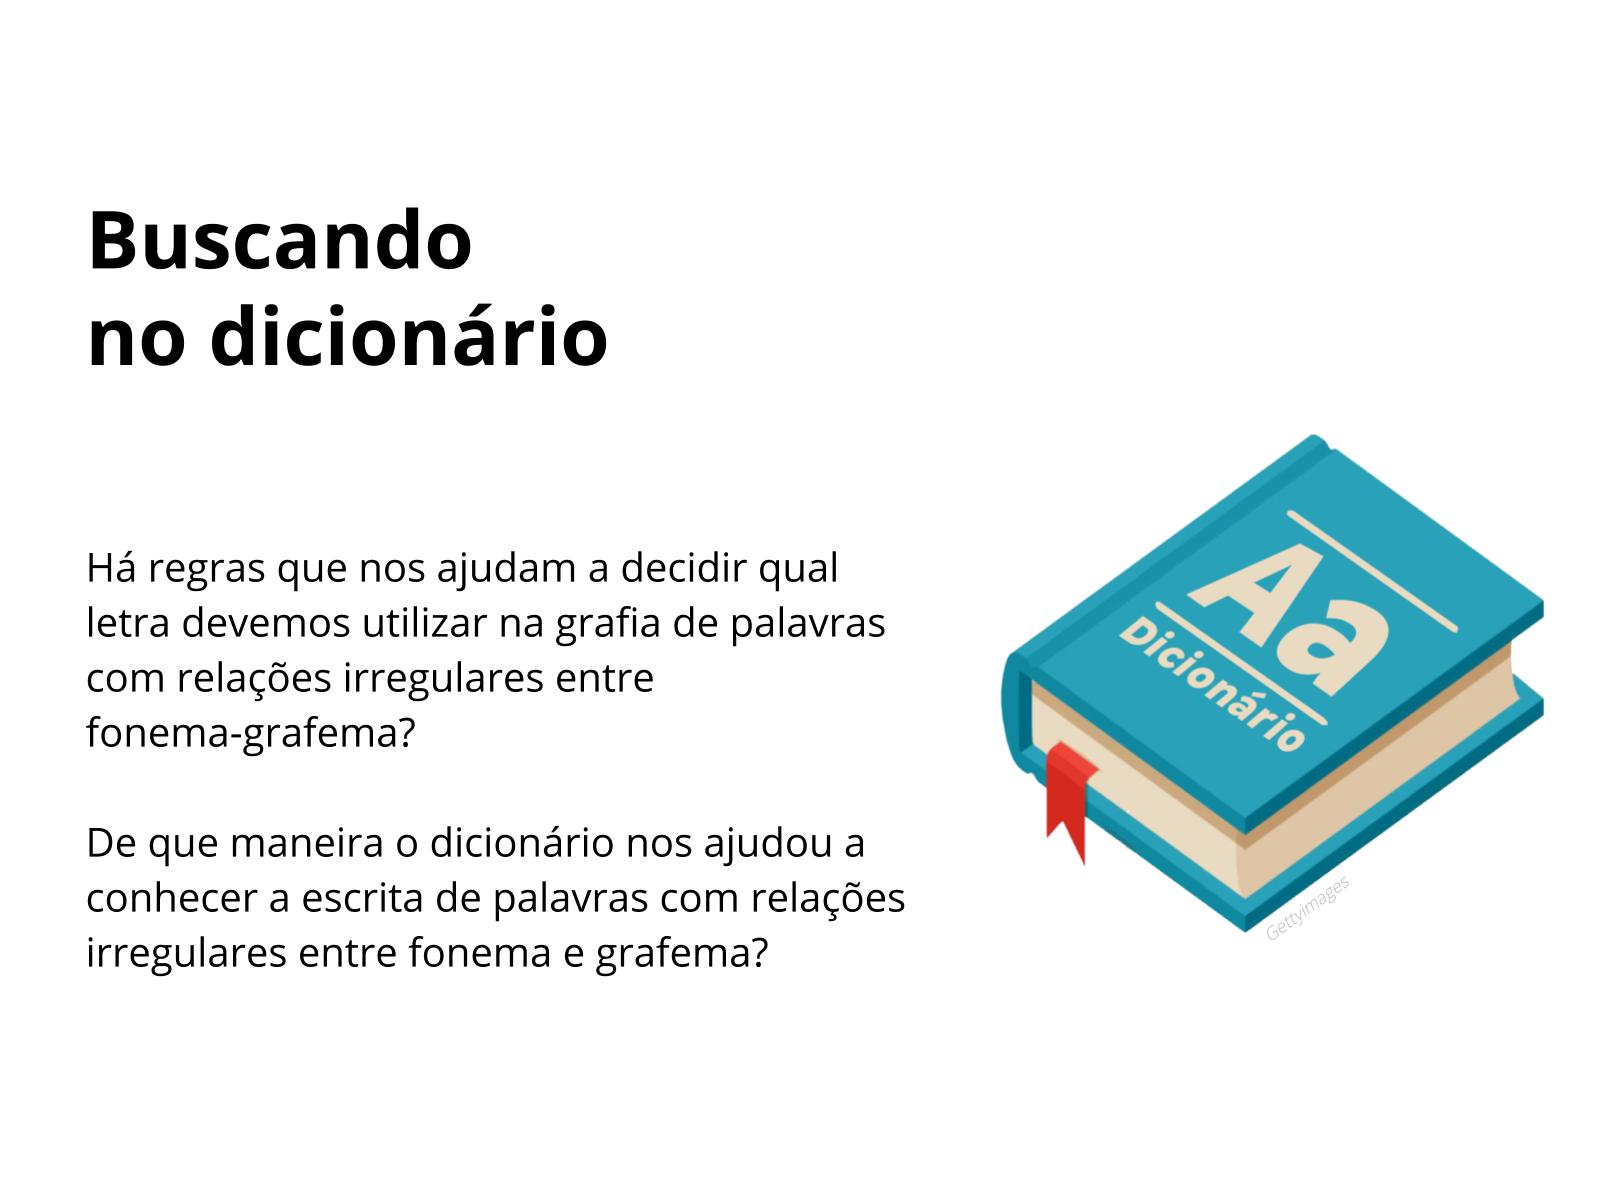 Procurando no dicionário